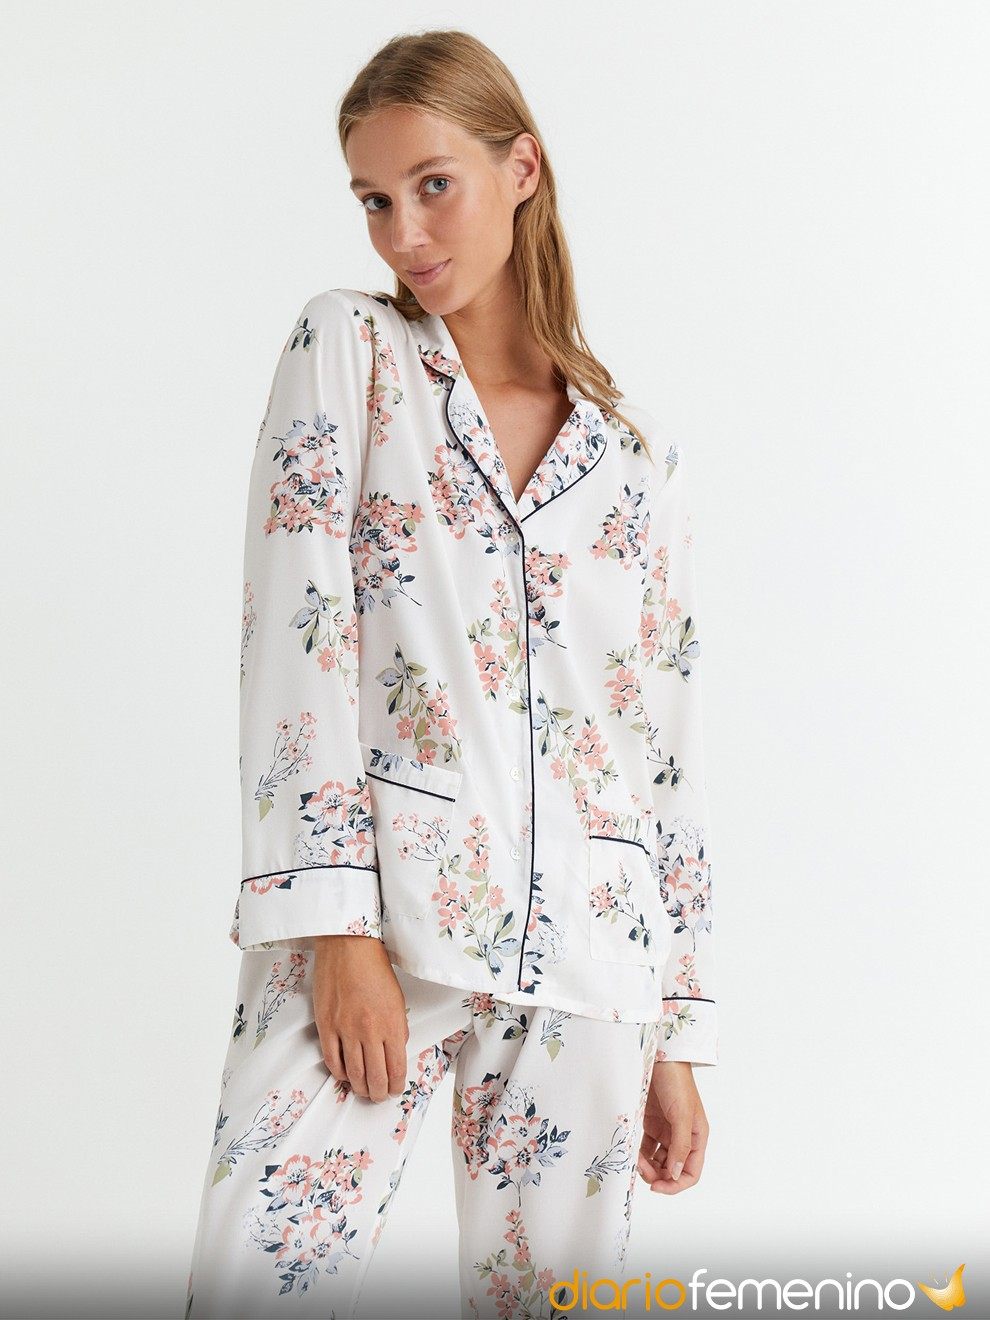 Pijama de Sfera con flores para Nochevieja 2020/2021